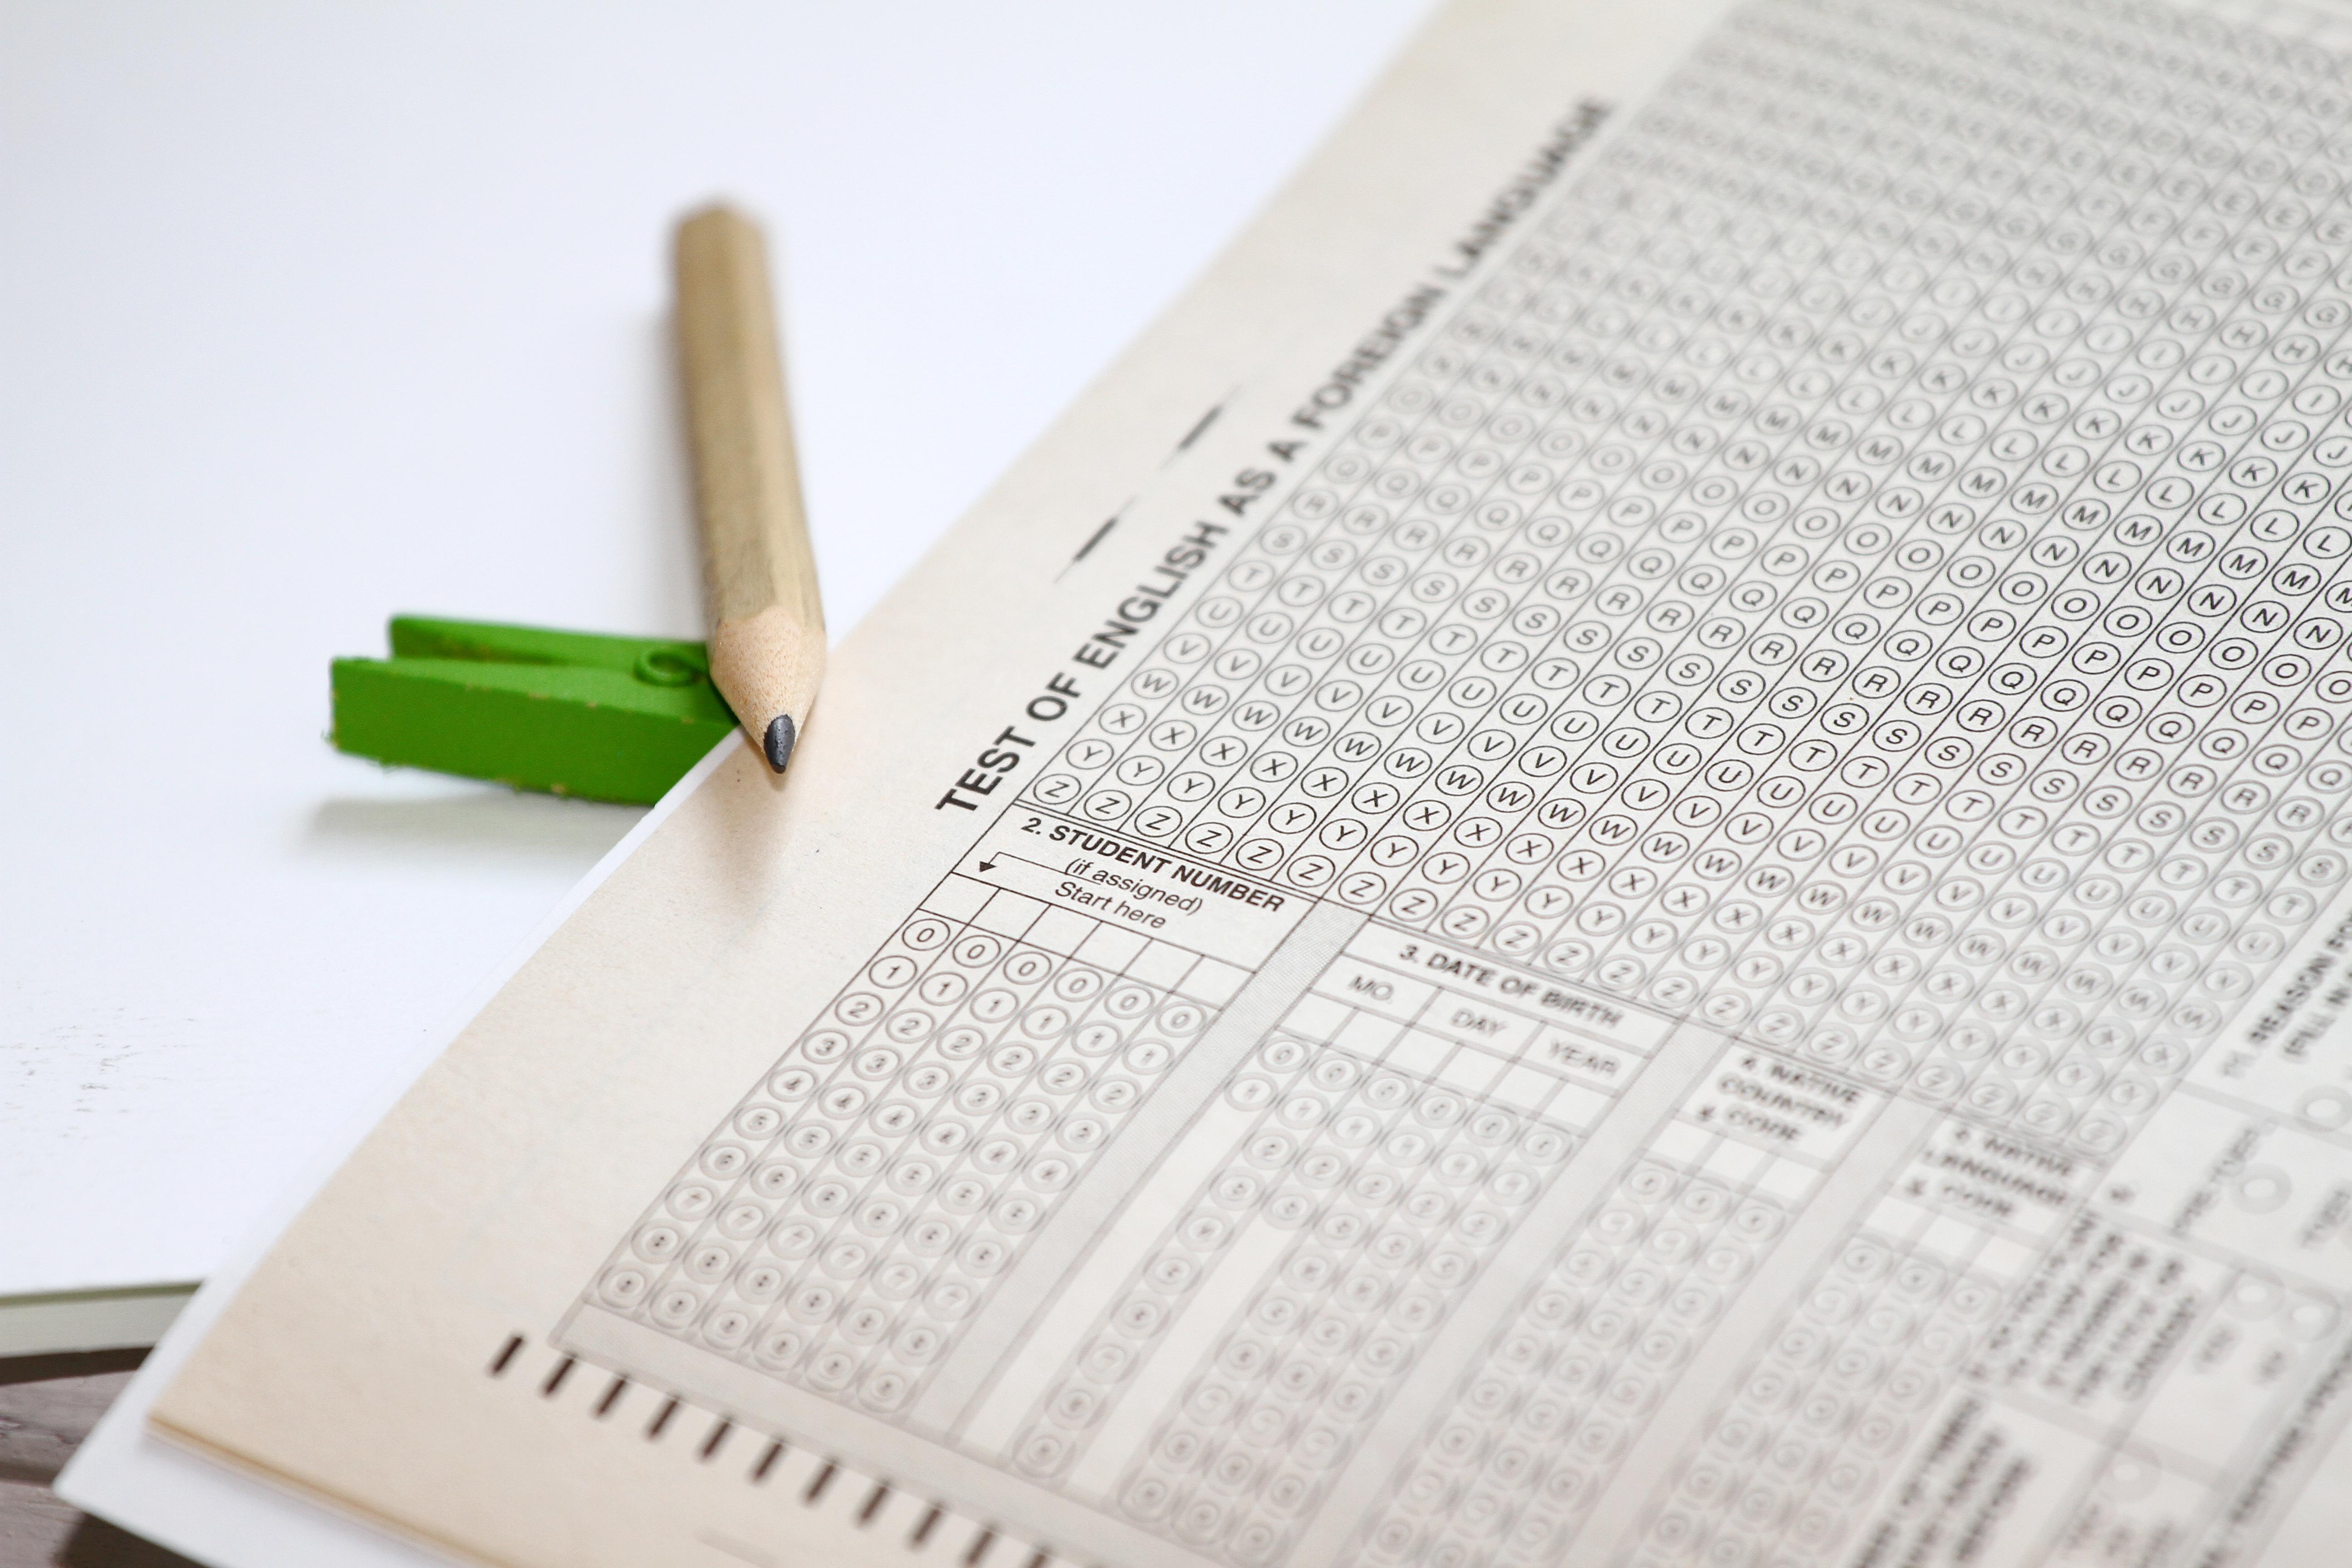 五一假期来了,各位管理会计师的考试们该做些什么呢?